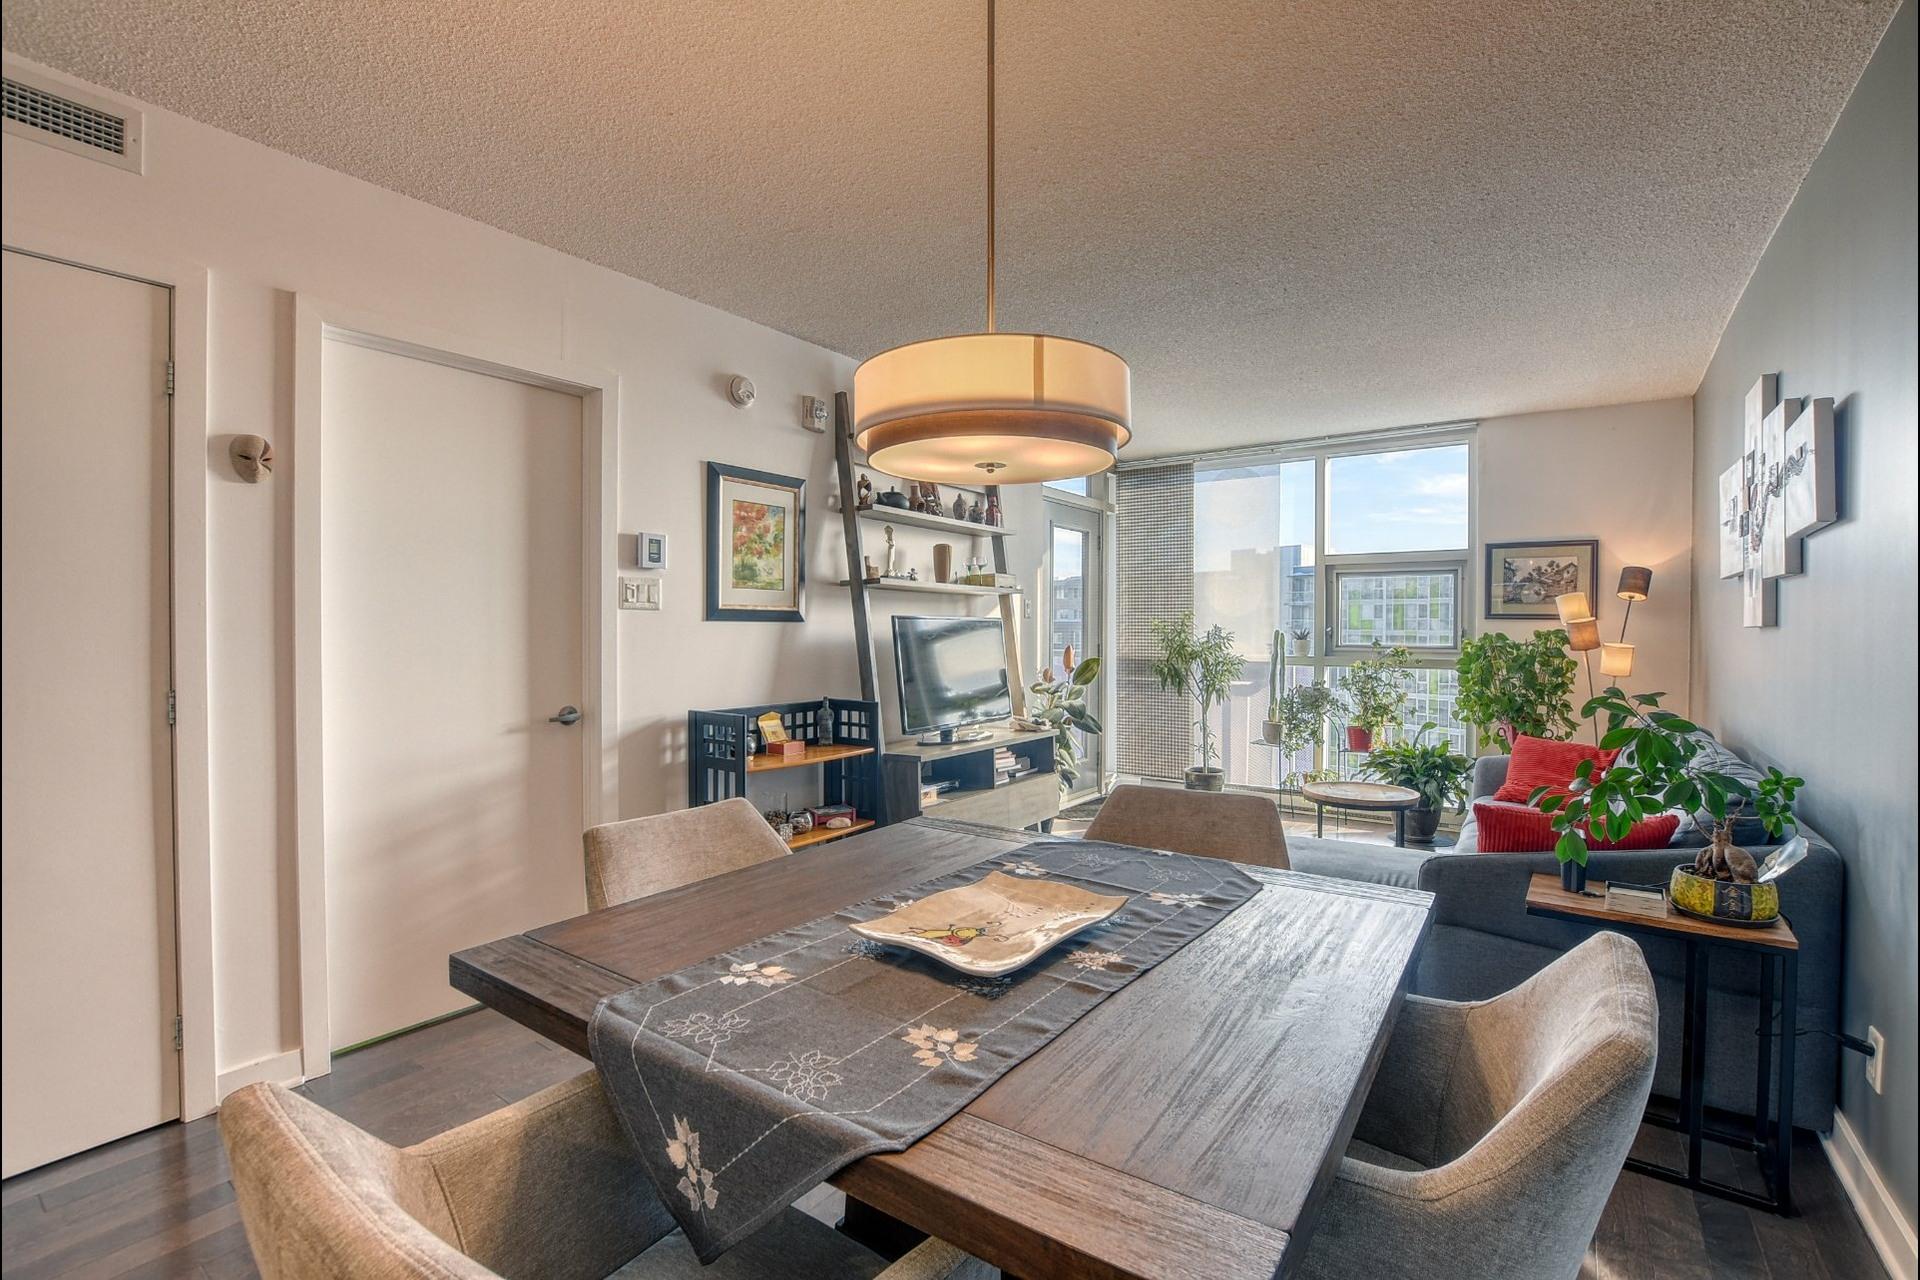 image 10 - Appartement À vendre Ahuntsic-Cartierville Montréal  - 4 pièces